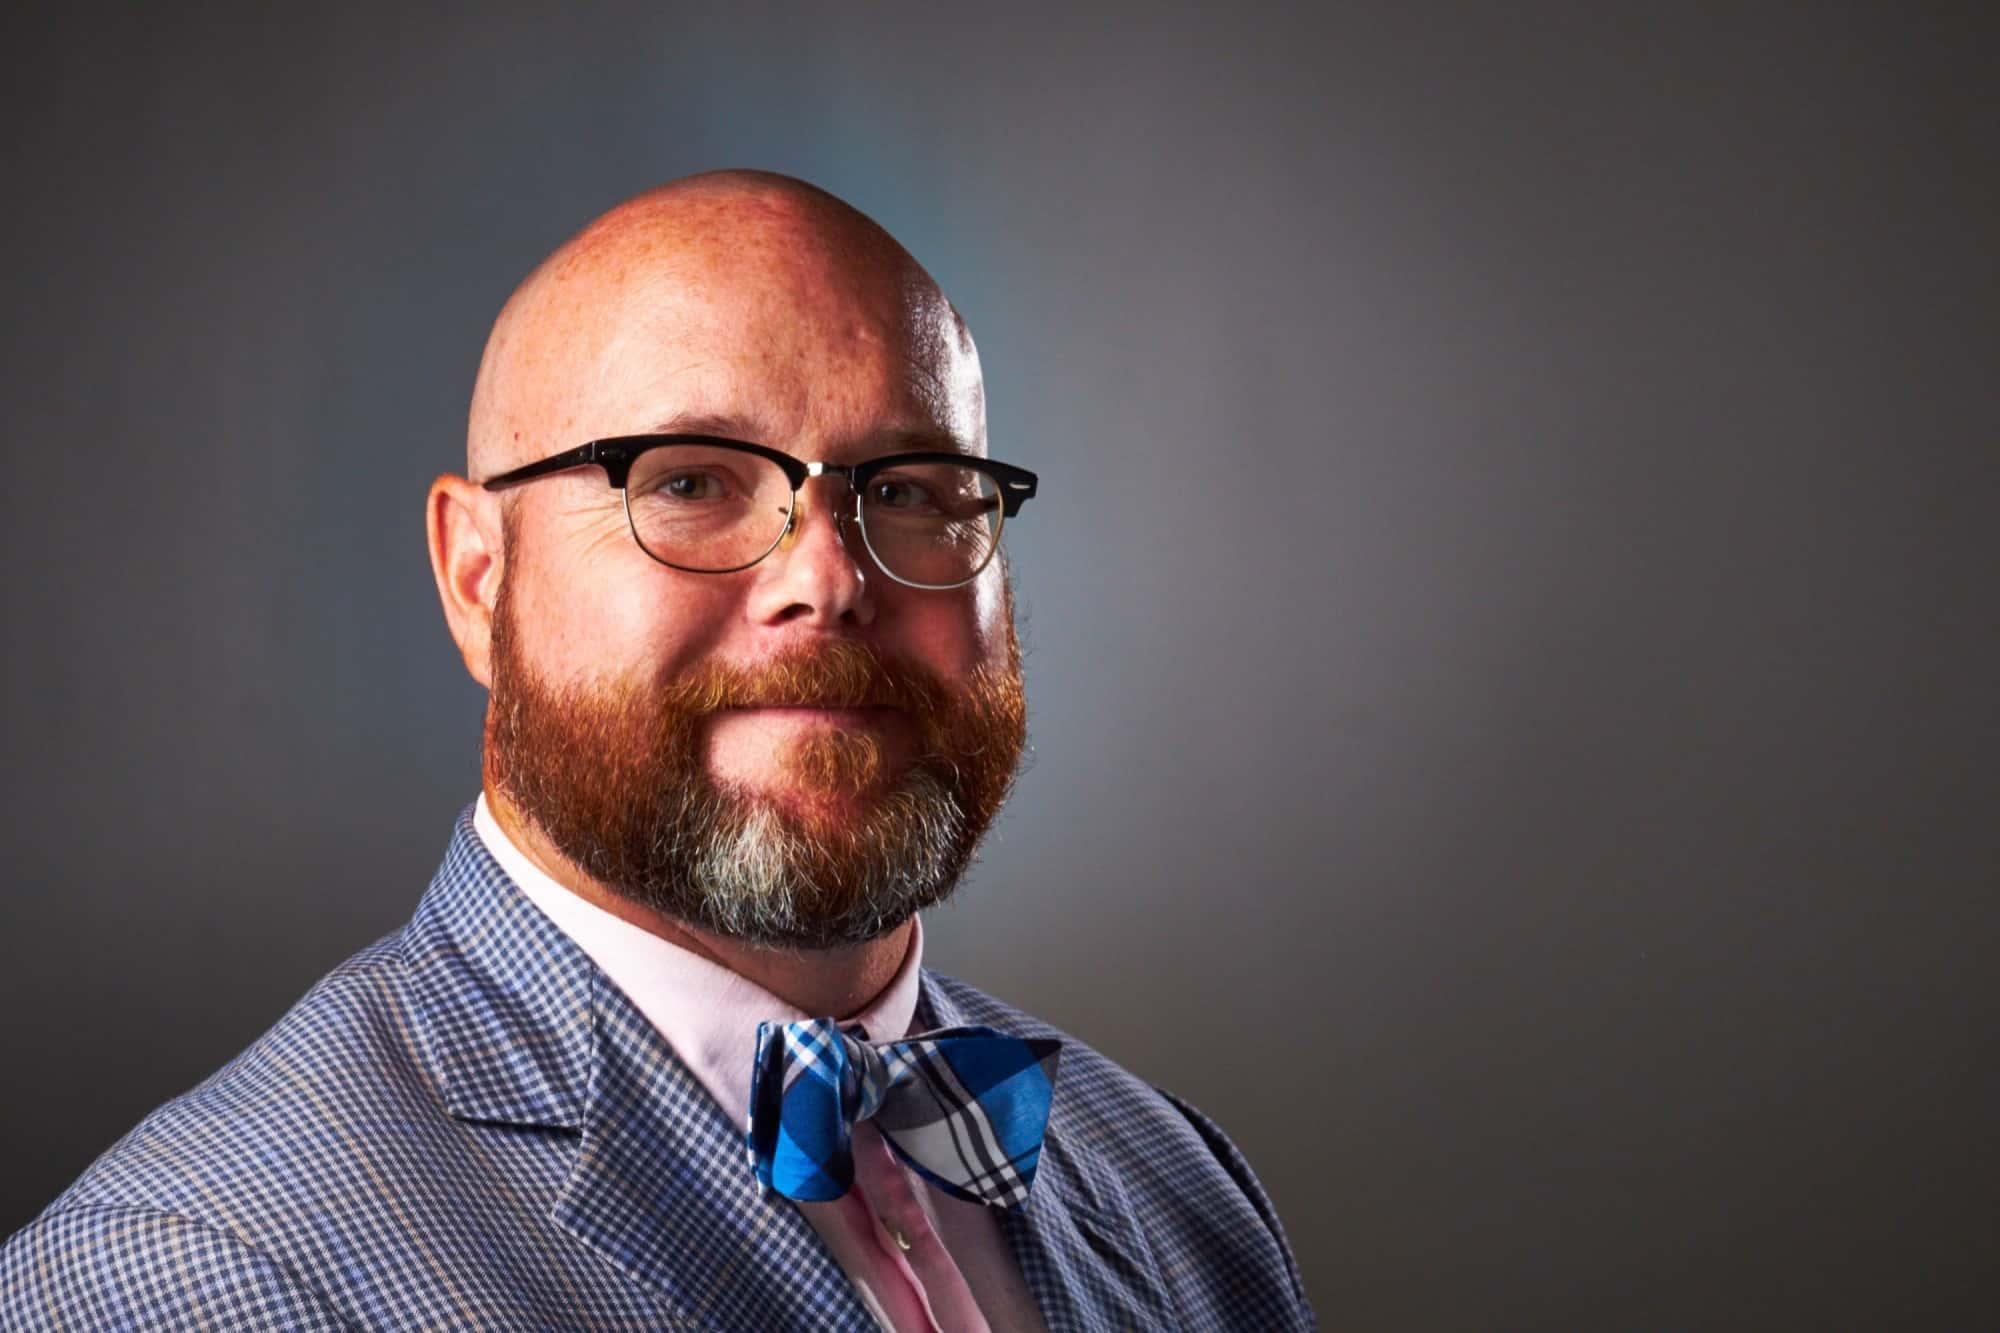 unique head shot portraits for business